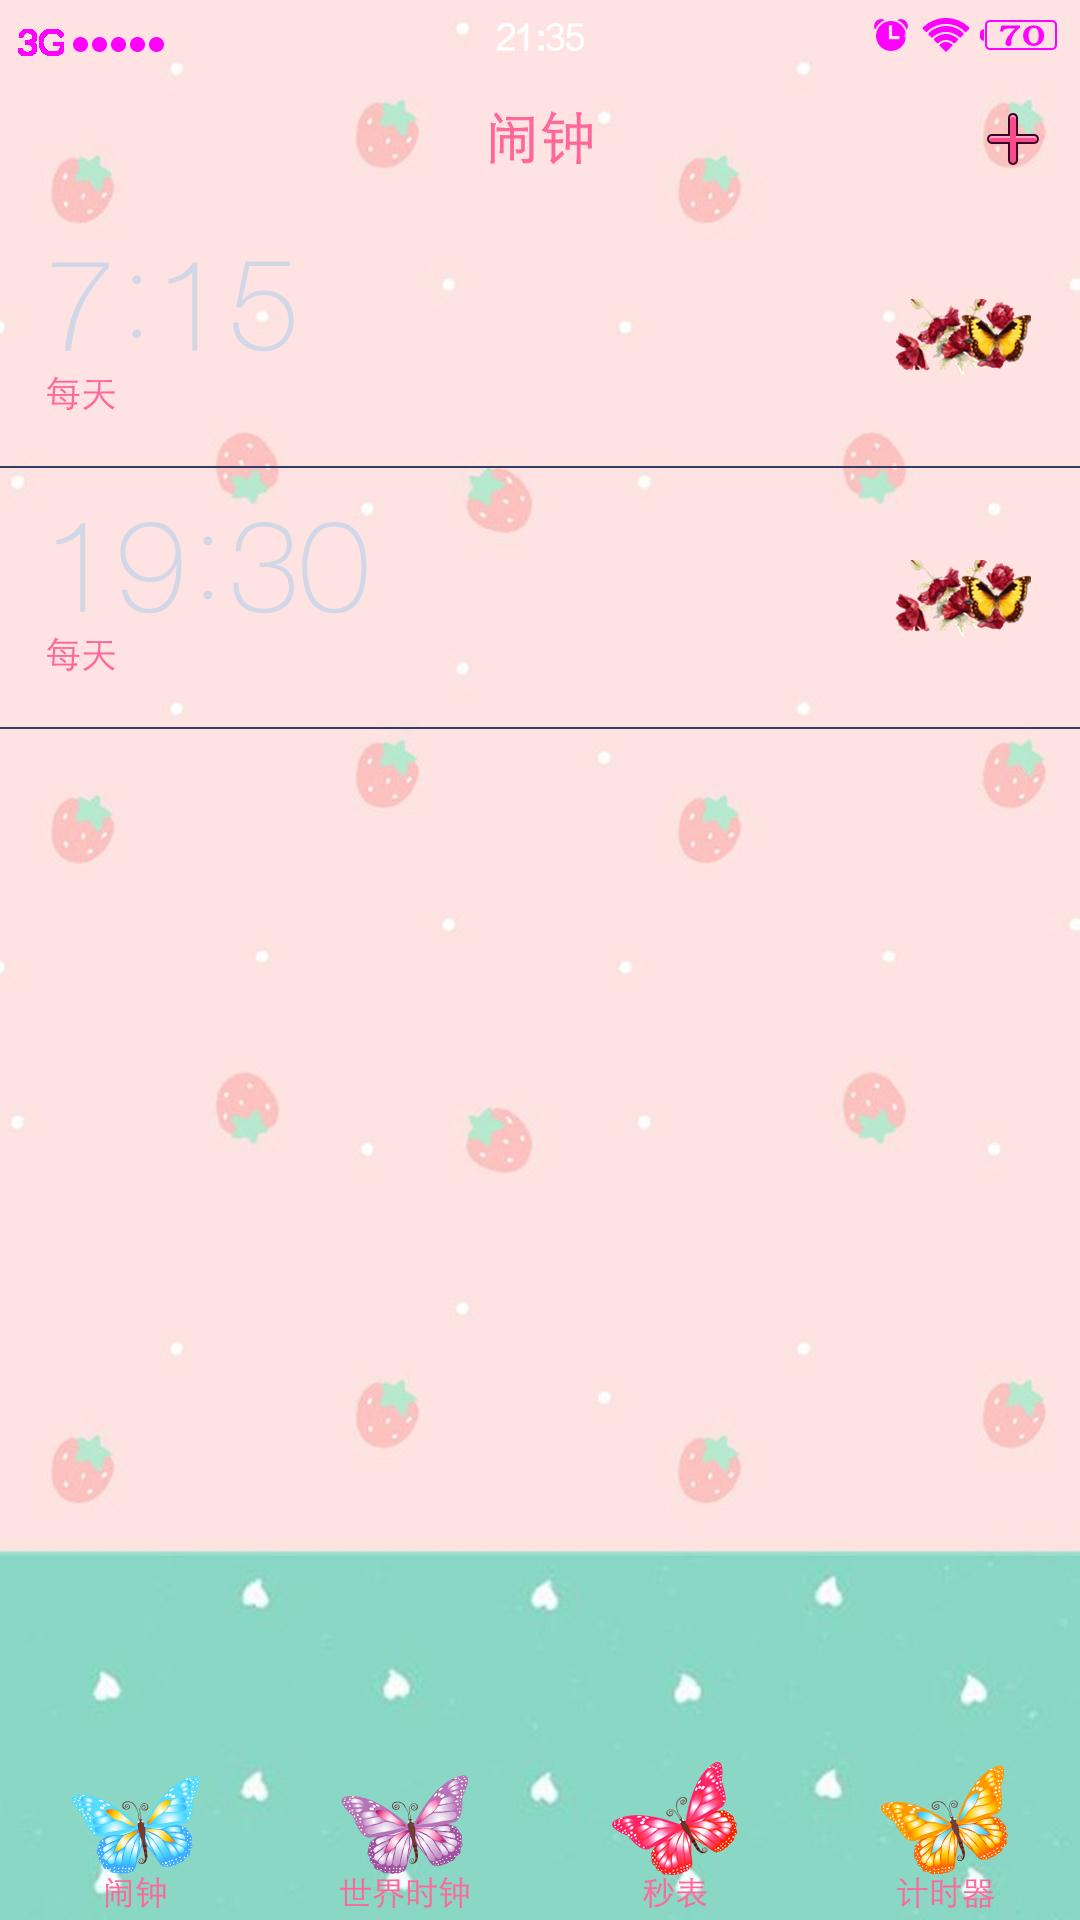 【全局主题】【简约小清新】1080p-手机主题-vivo